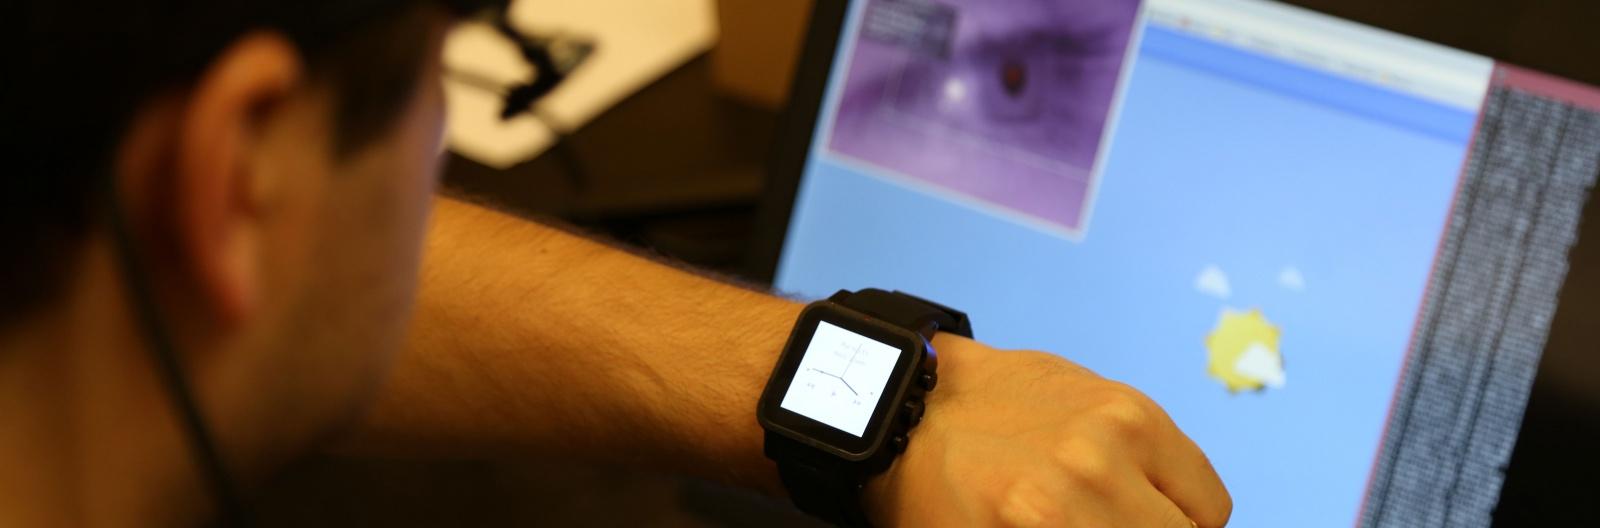 Технология Orbits для умных часов: управляем функциями устройства взглядом - 1